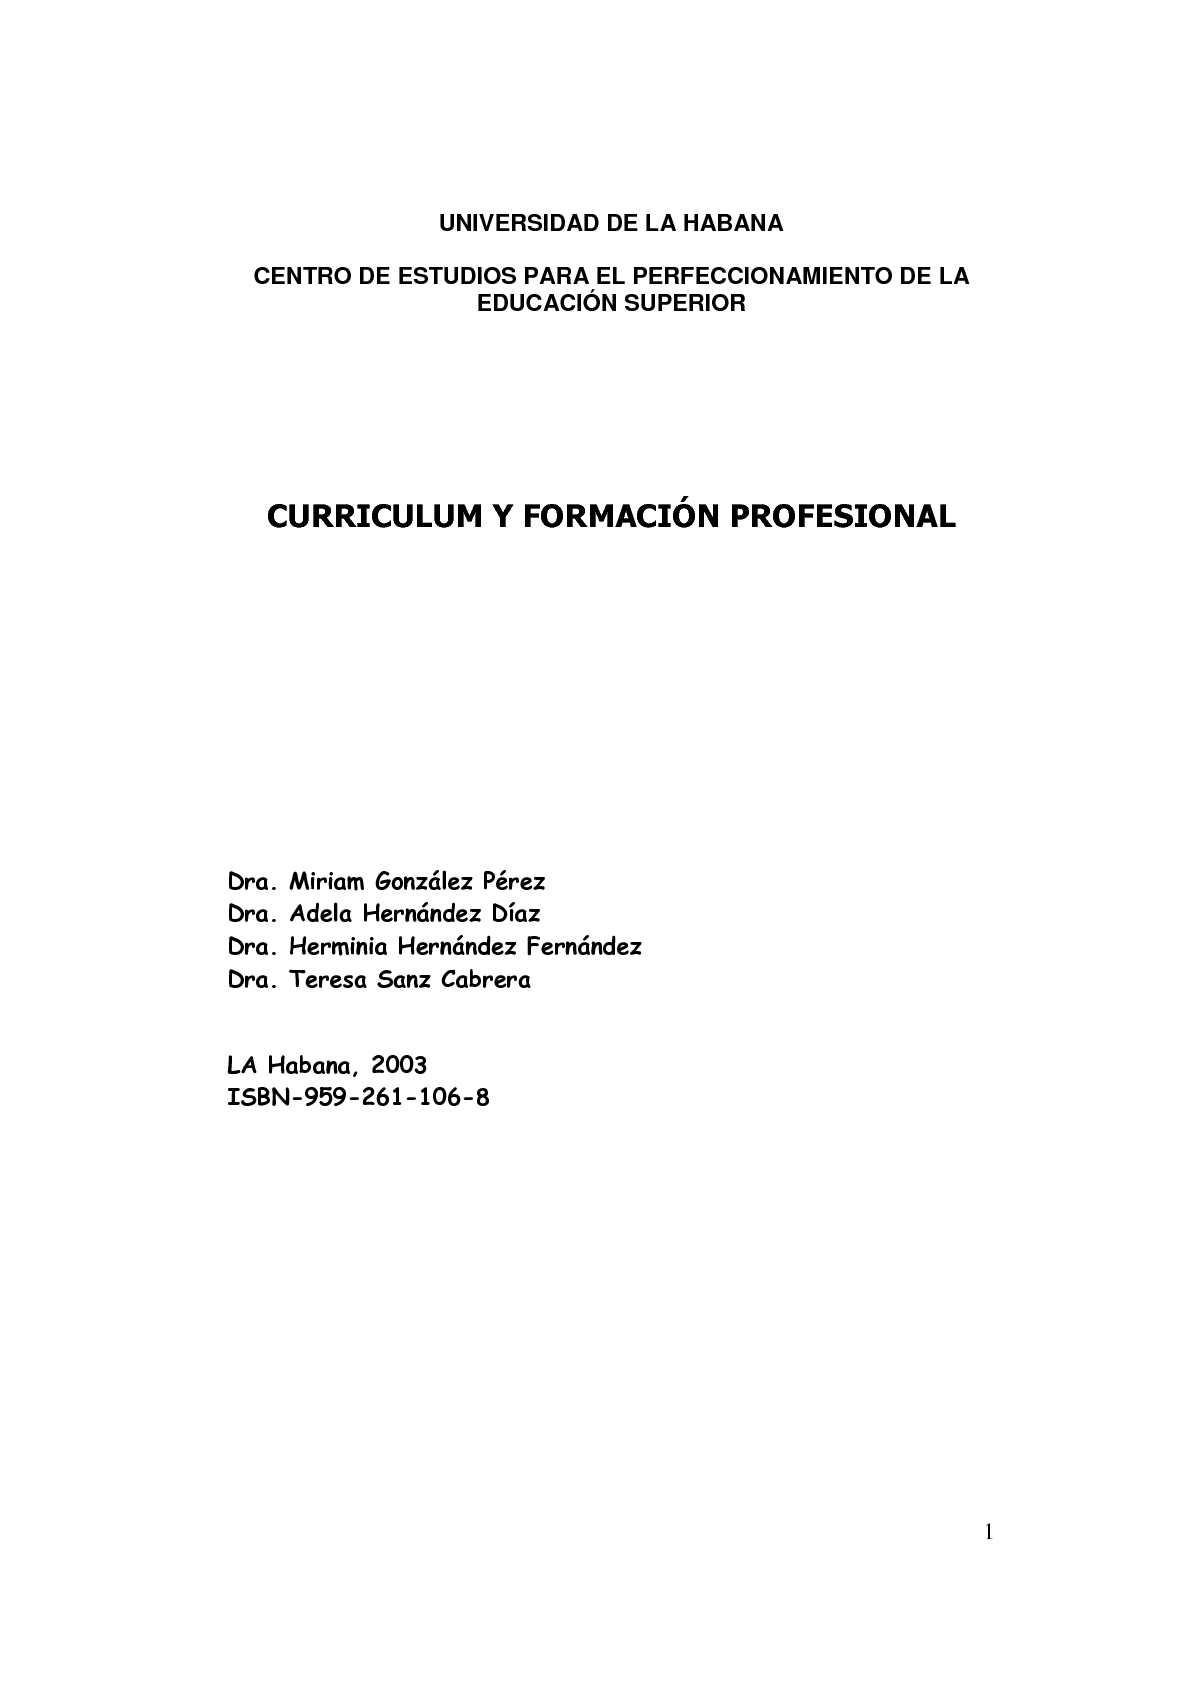 Calaméo - CURRICULUM Y FORMACIÓN PROFESIONAL